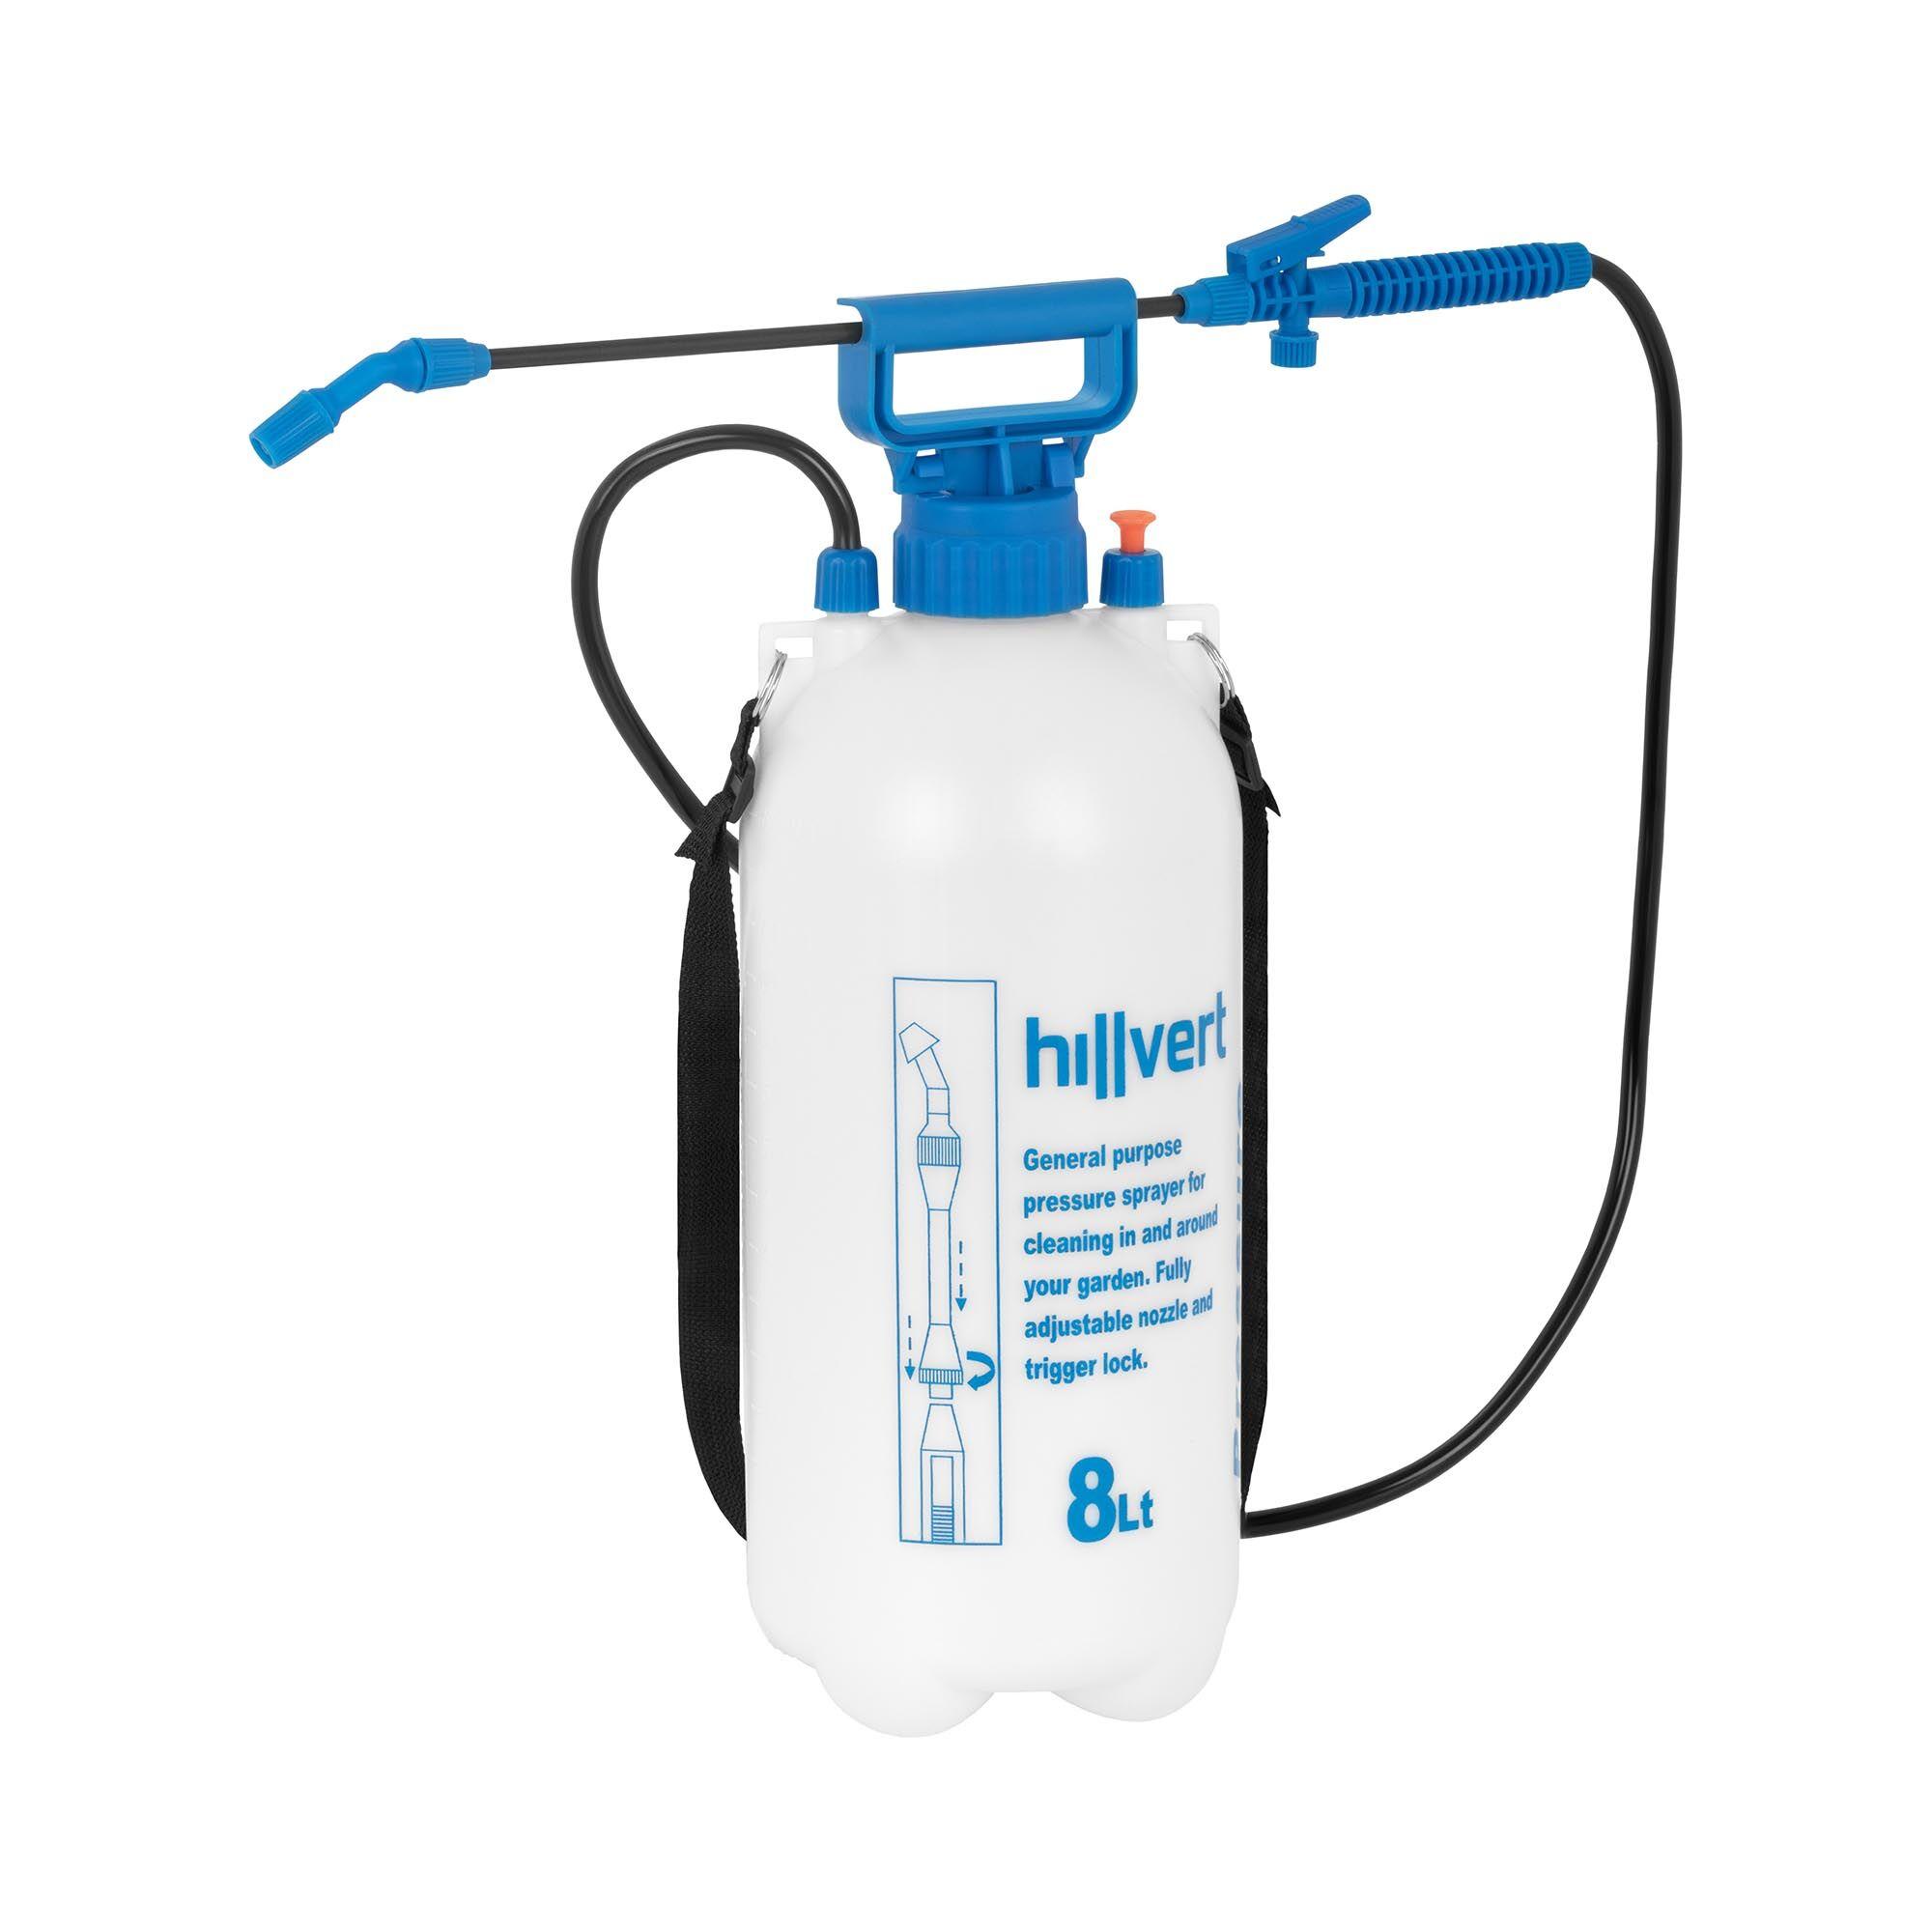 hillvert pompa irroratrice a pressione - 8 l ht-columbia-8l